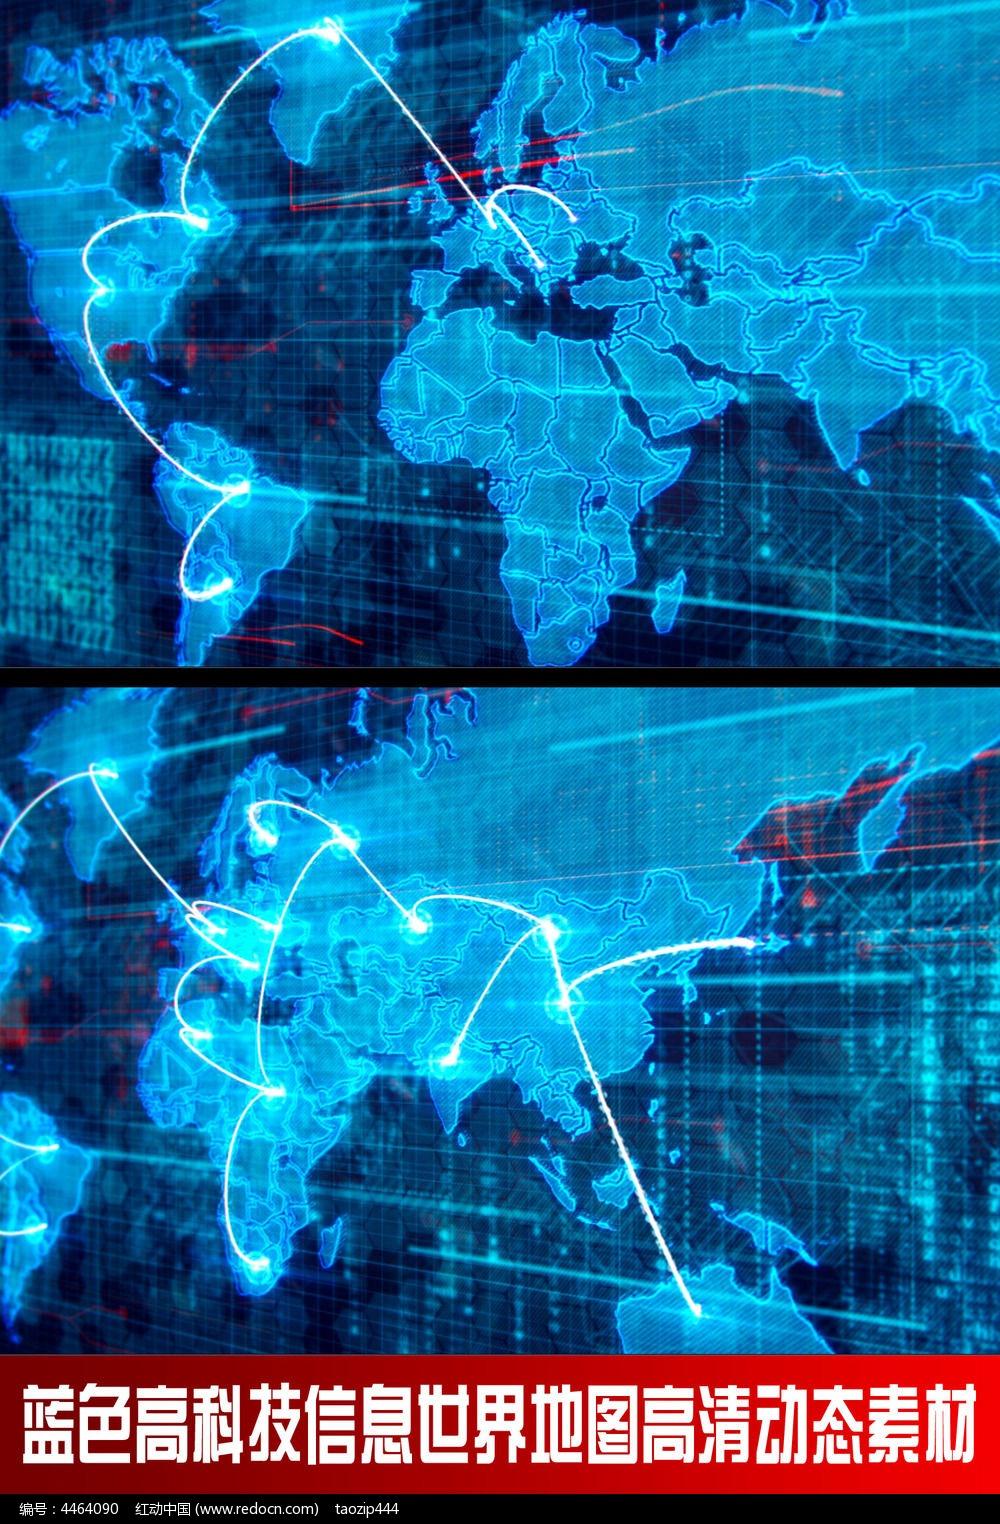 蓝色高科技信息世界地图高清动态素材